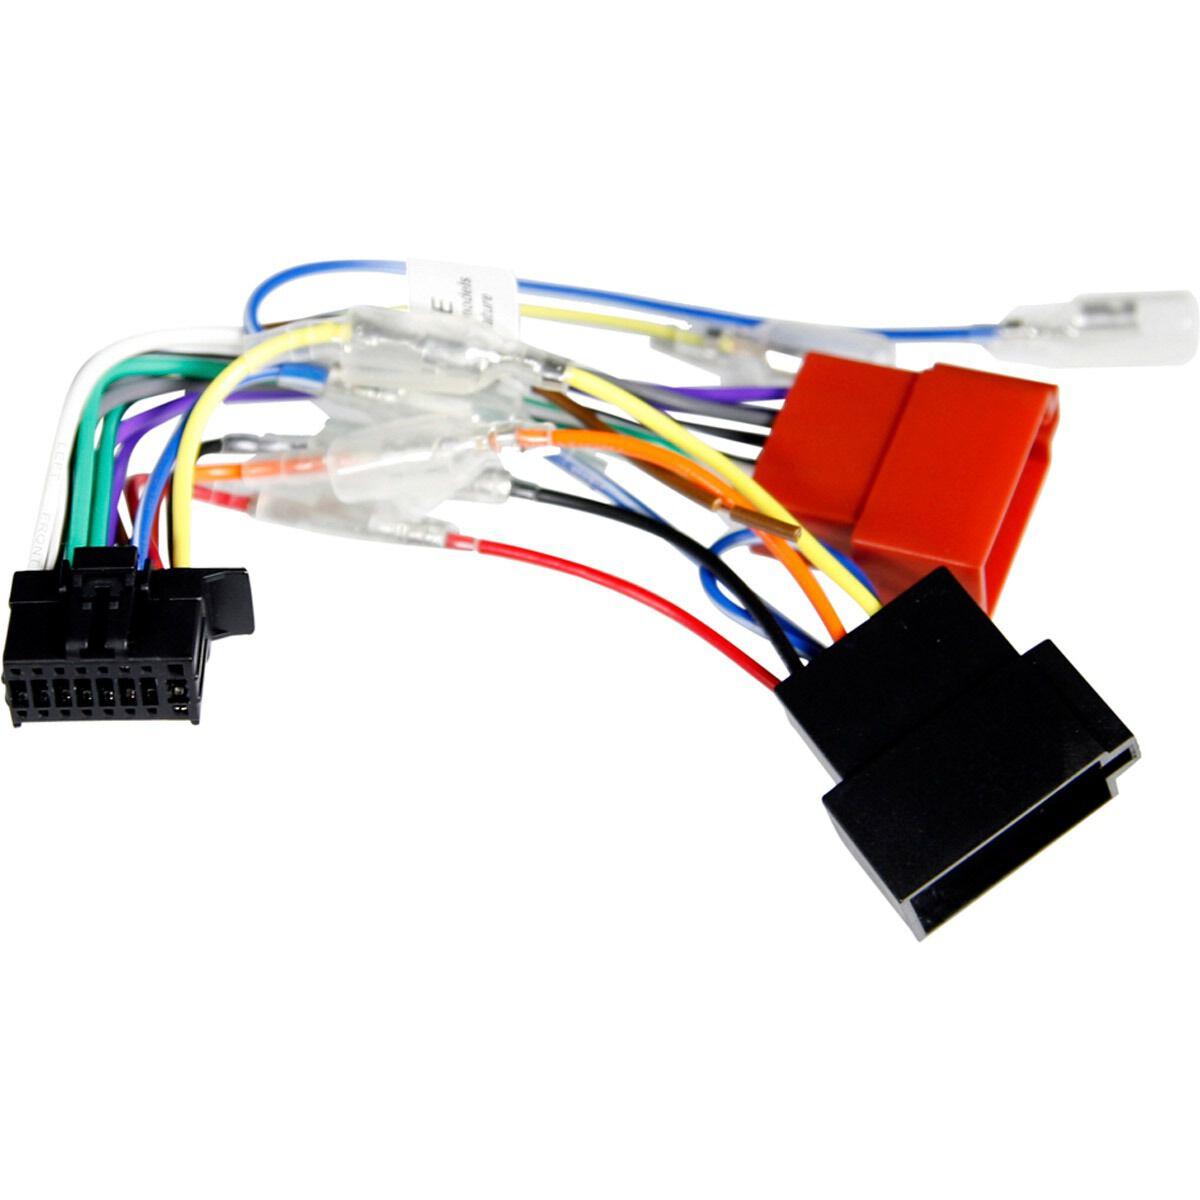 wiring harness kenwood 16 pin supercheap auto rh supercheapauto com au kenwood wiring harness best buy kenwood wiring harness adapter